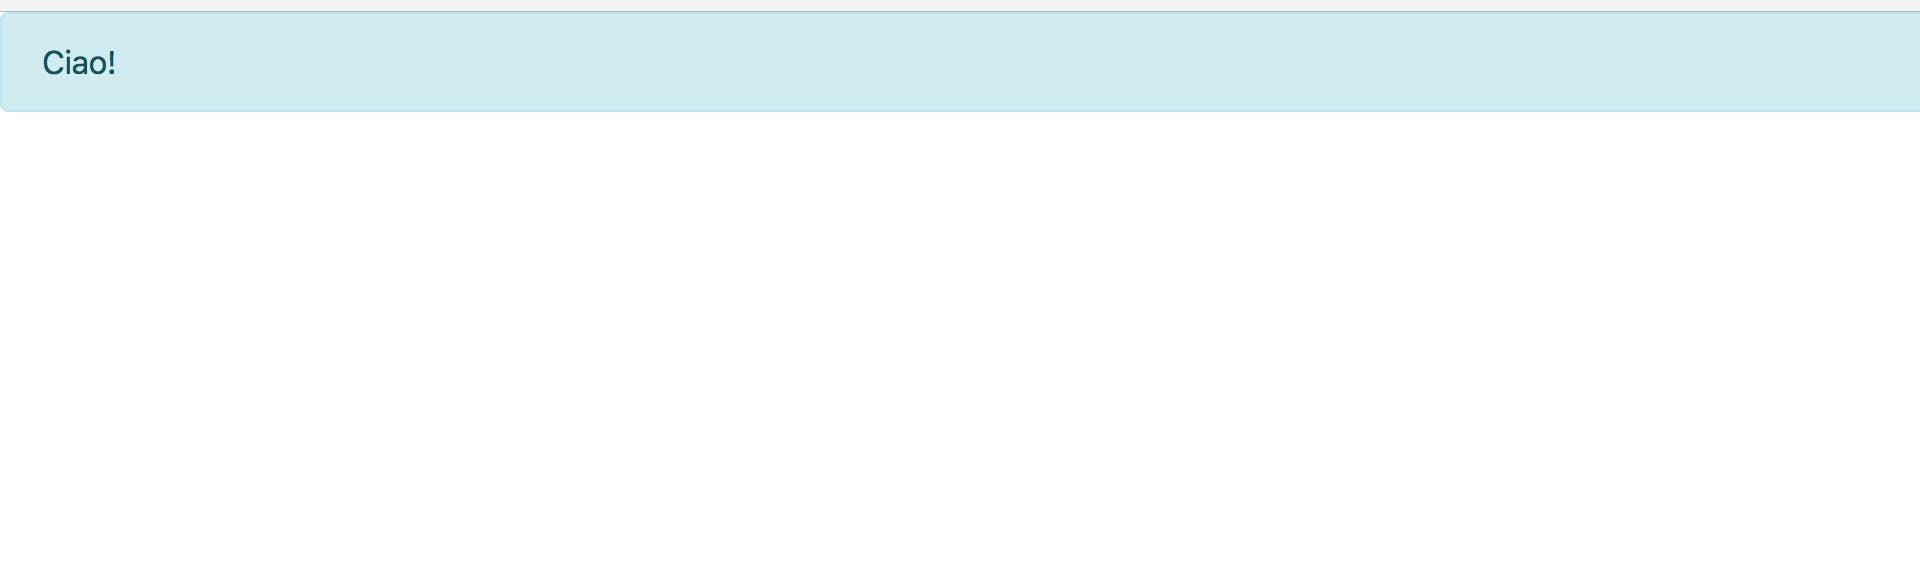 Nuxt jsにBootstrapVueのコンポーネントを追加する - Qiita